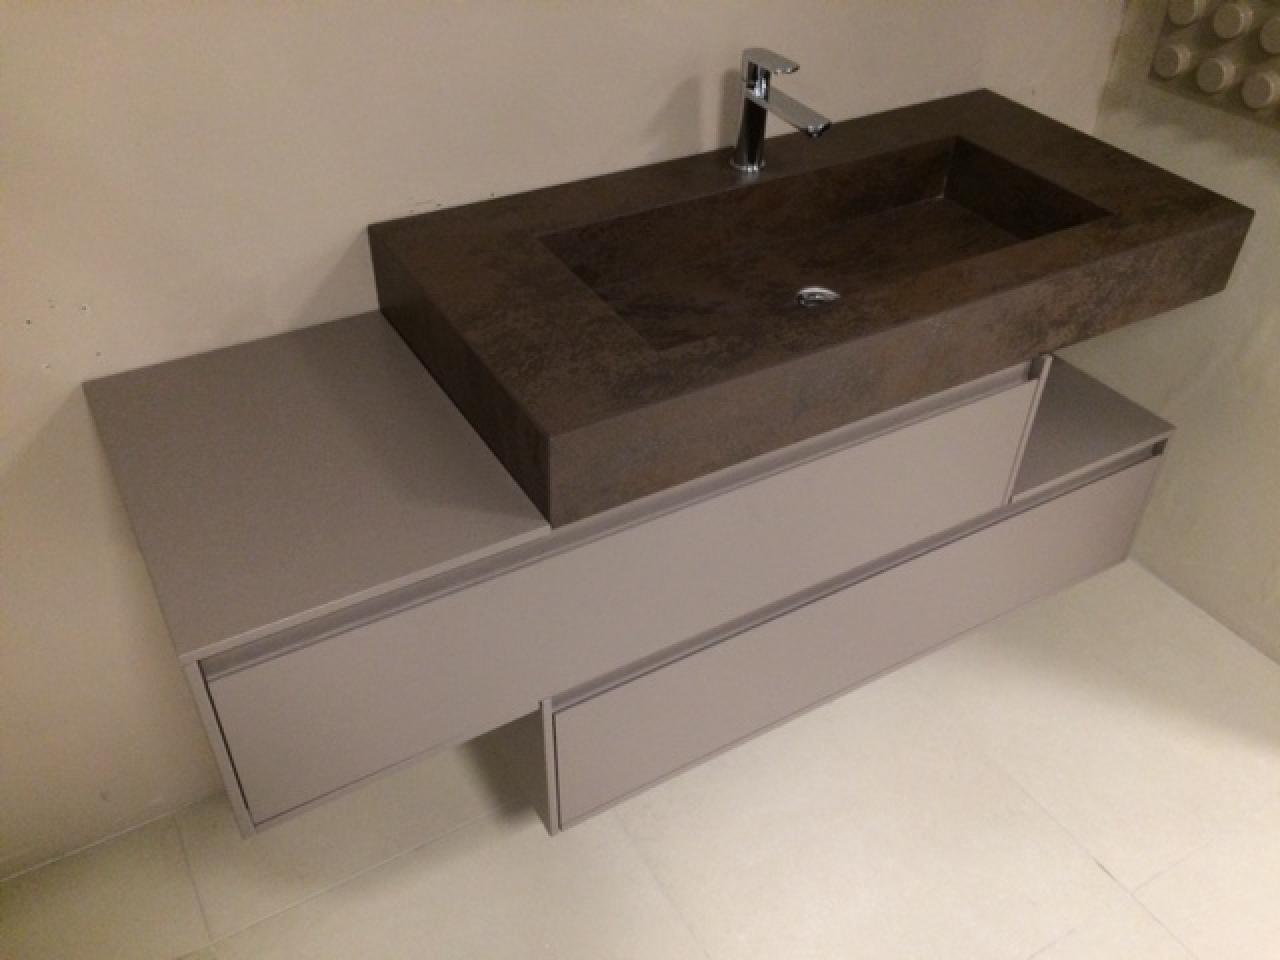 Mobile bagno moderno sospeso piano Laminam - prezzo outlet Vicenza ...